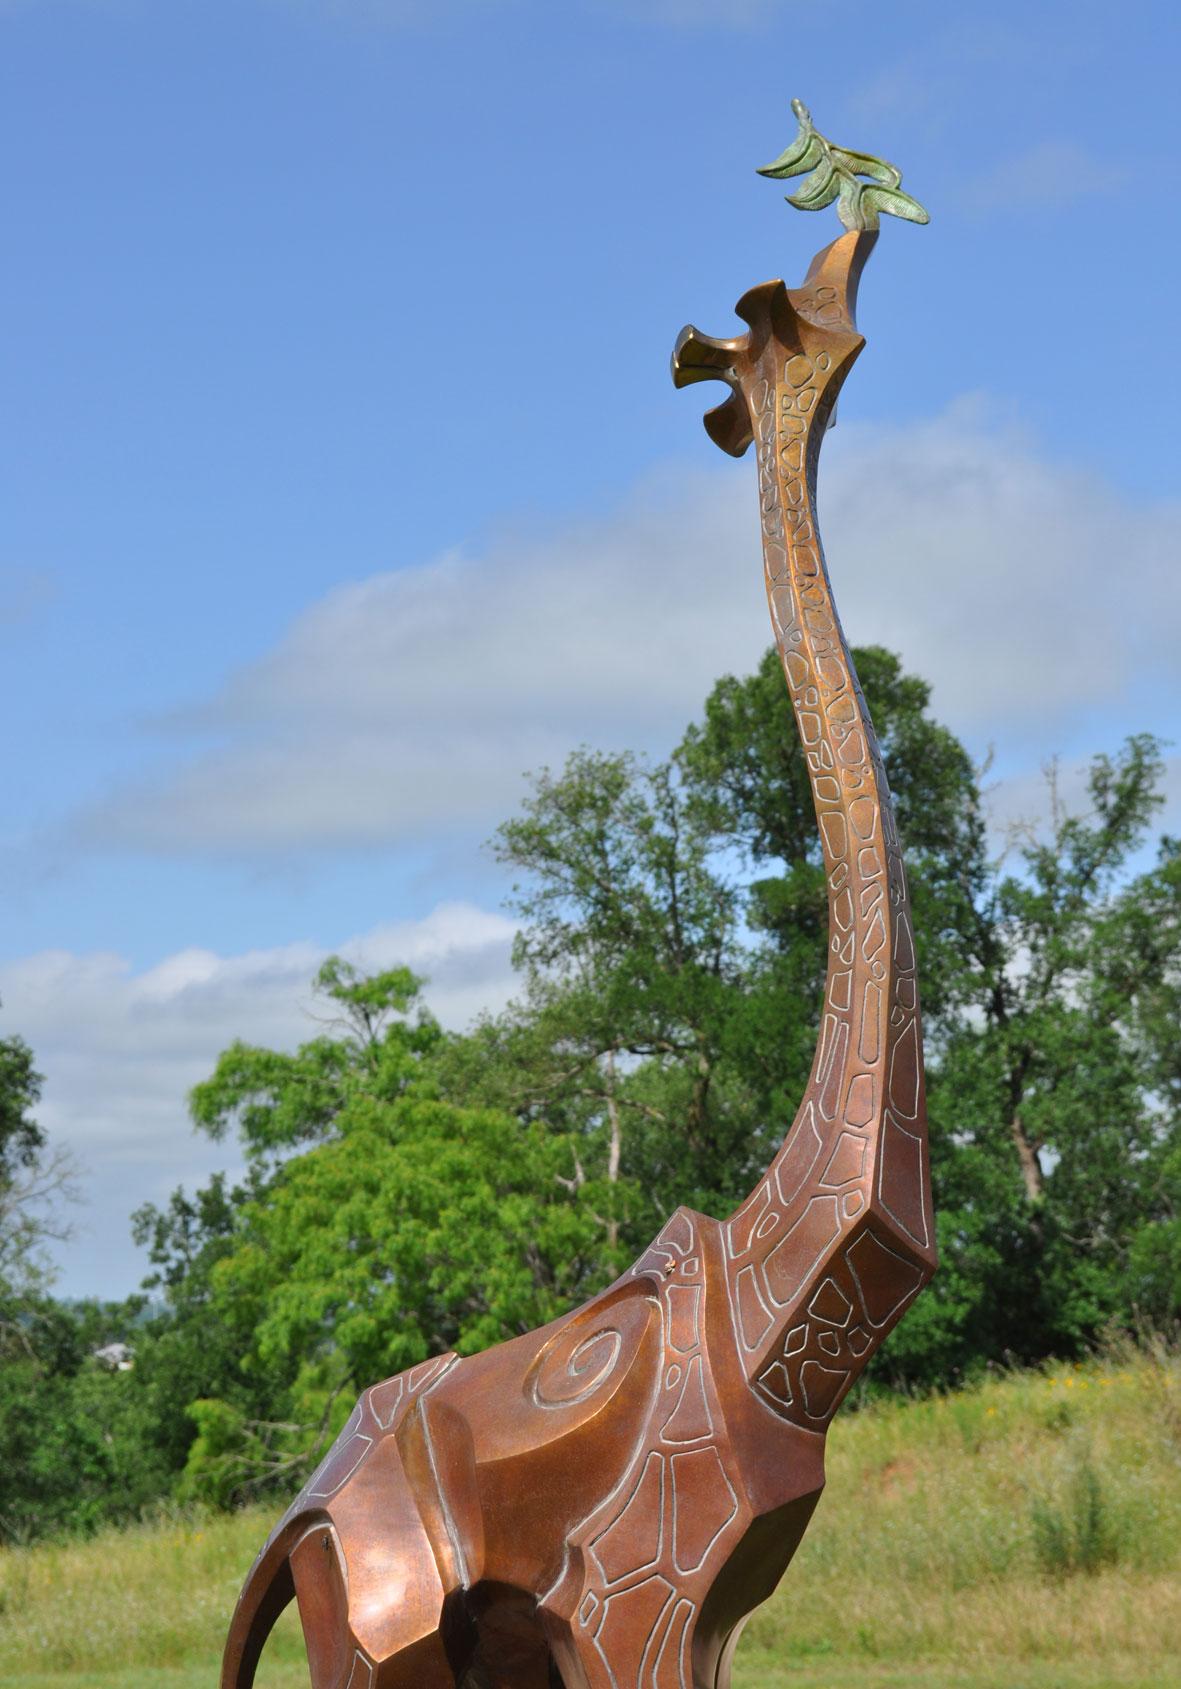 Bronze Giraffe Monument, Old Oaks Ranch Sculpture Garden, Wimberley TX